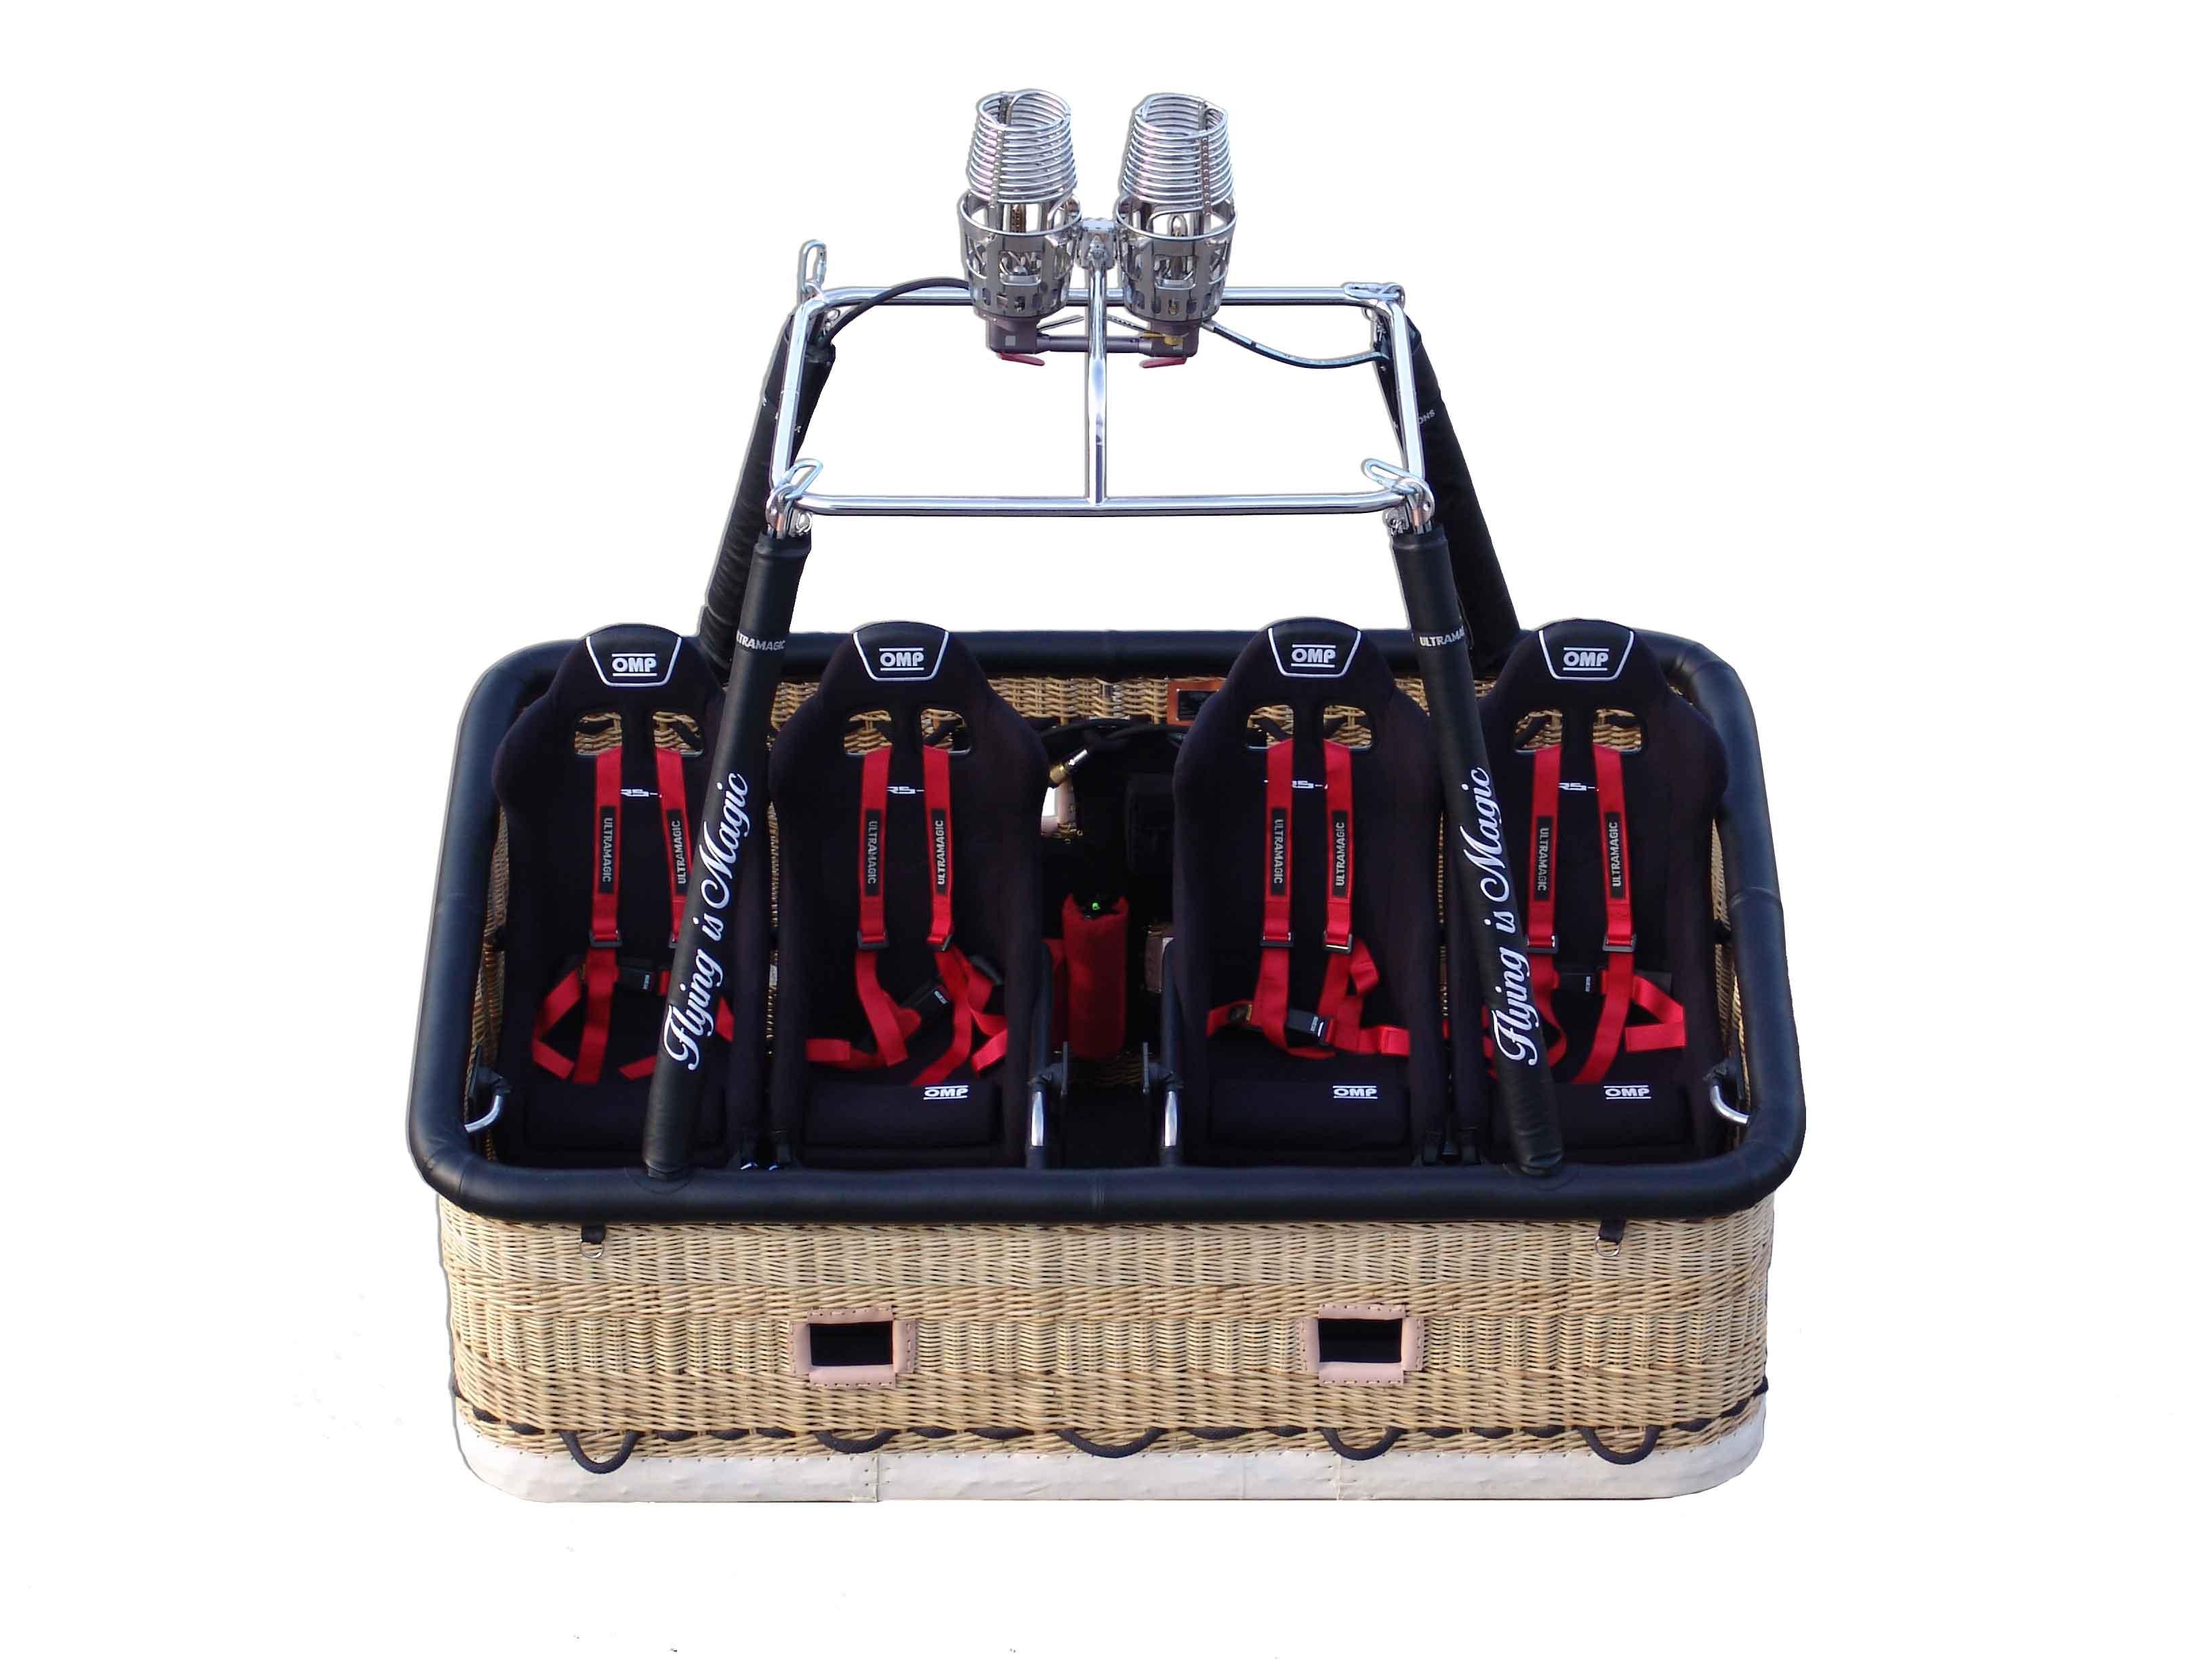 520aca7ed4b43 Vista basket - Ultramagic